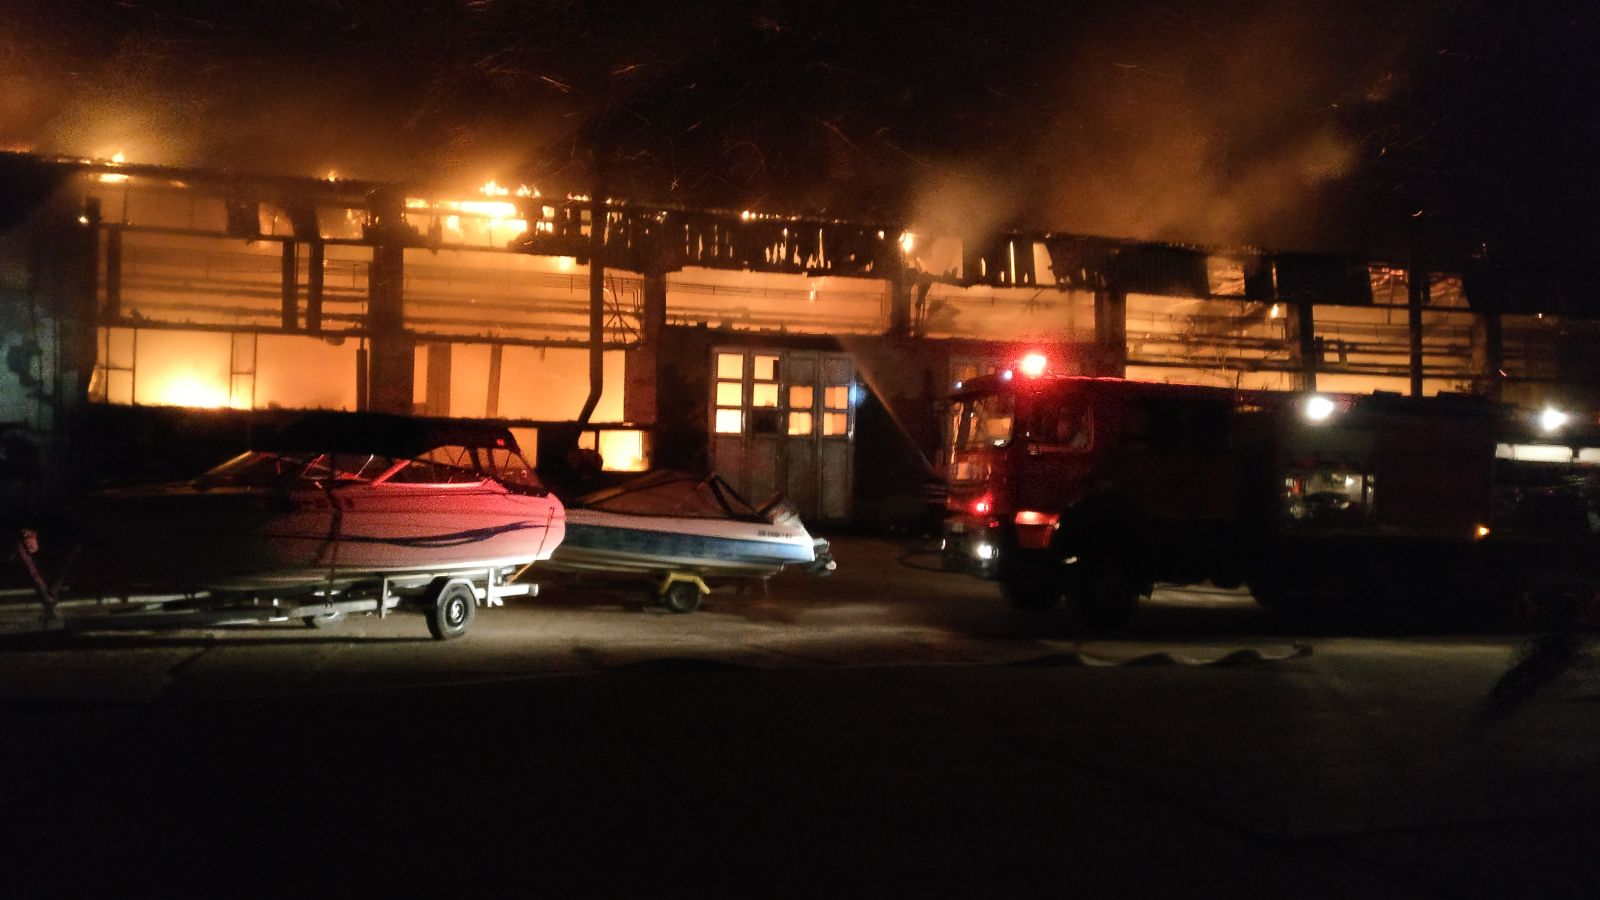 INCENDIU puternic la societatea de transport public din Tulcea. Parcul de autobuze, distrus în proporţie de 50 la sută/ Cauza producerii incendiului - FOTO, VIDEO